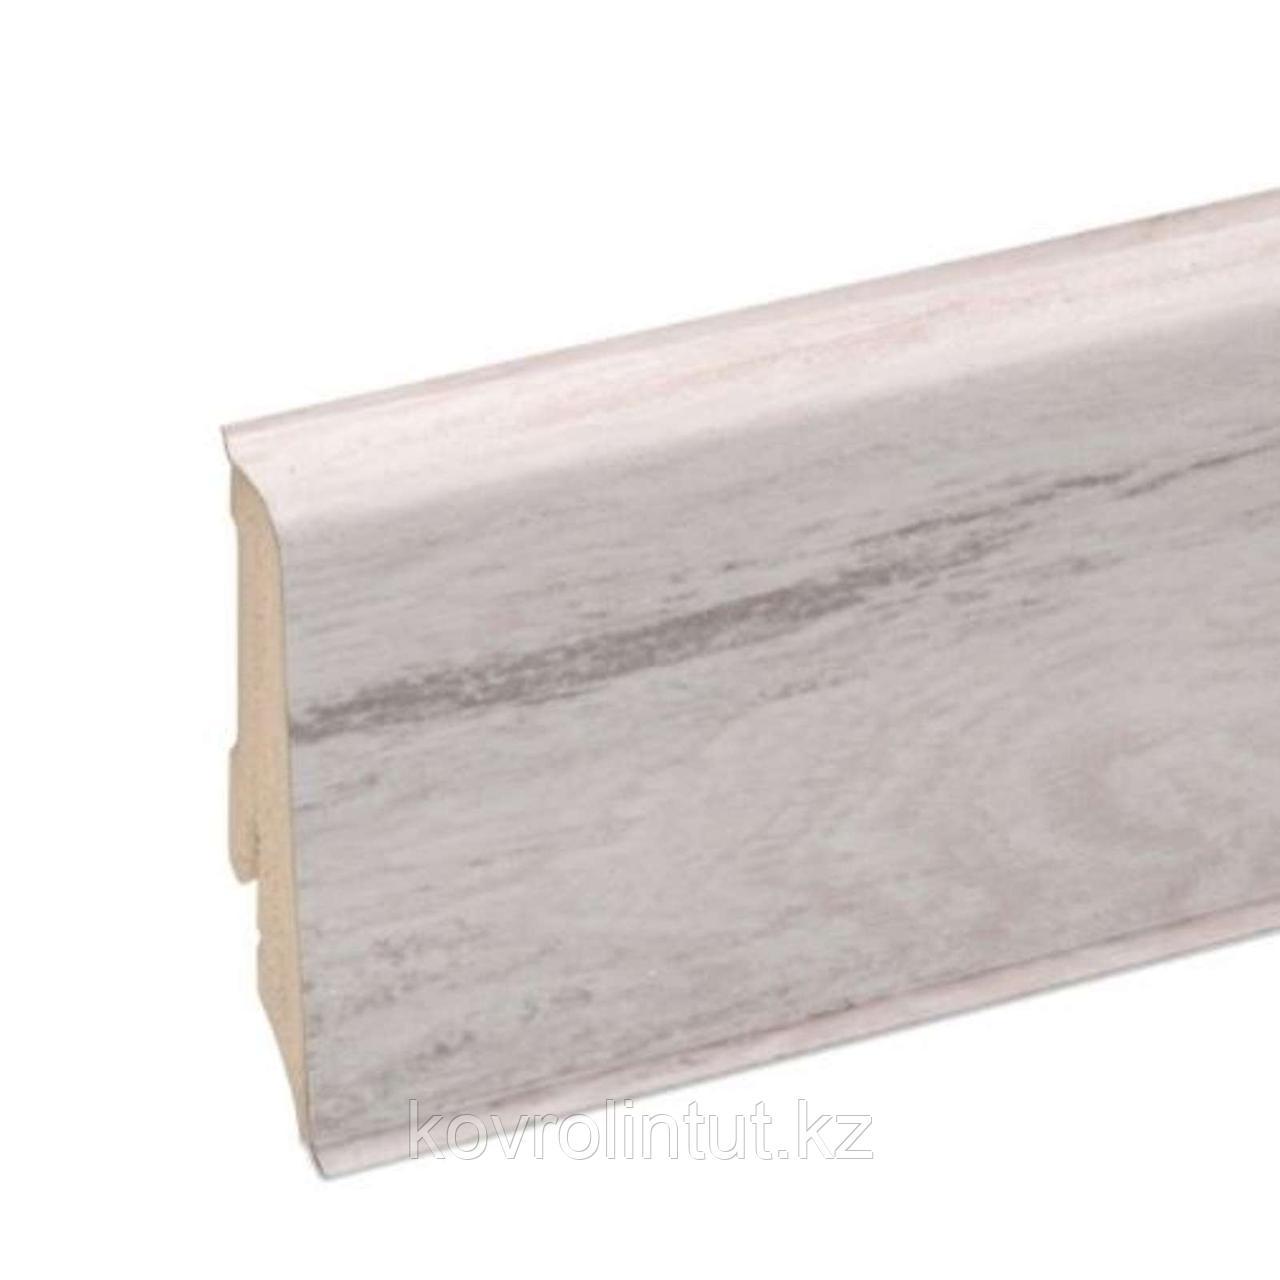 Плинтус композитный для LVT Neuhofer Holz, K0210L, 714907, 2400х59х17 мм